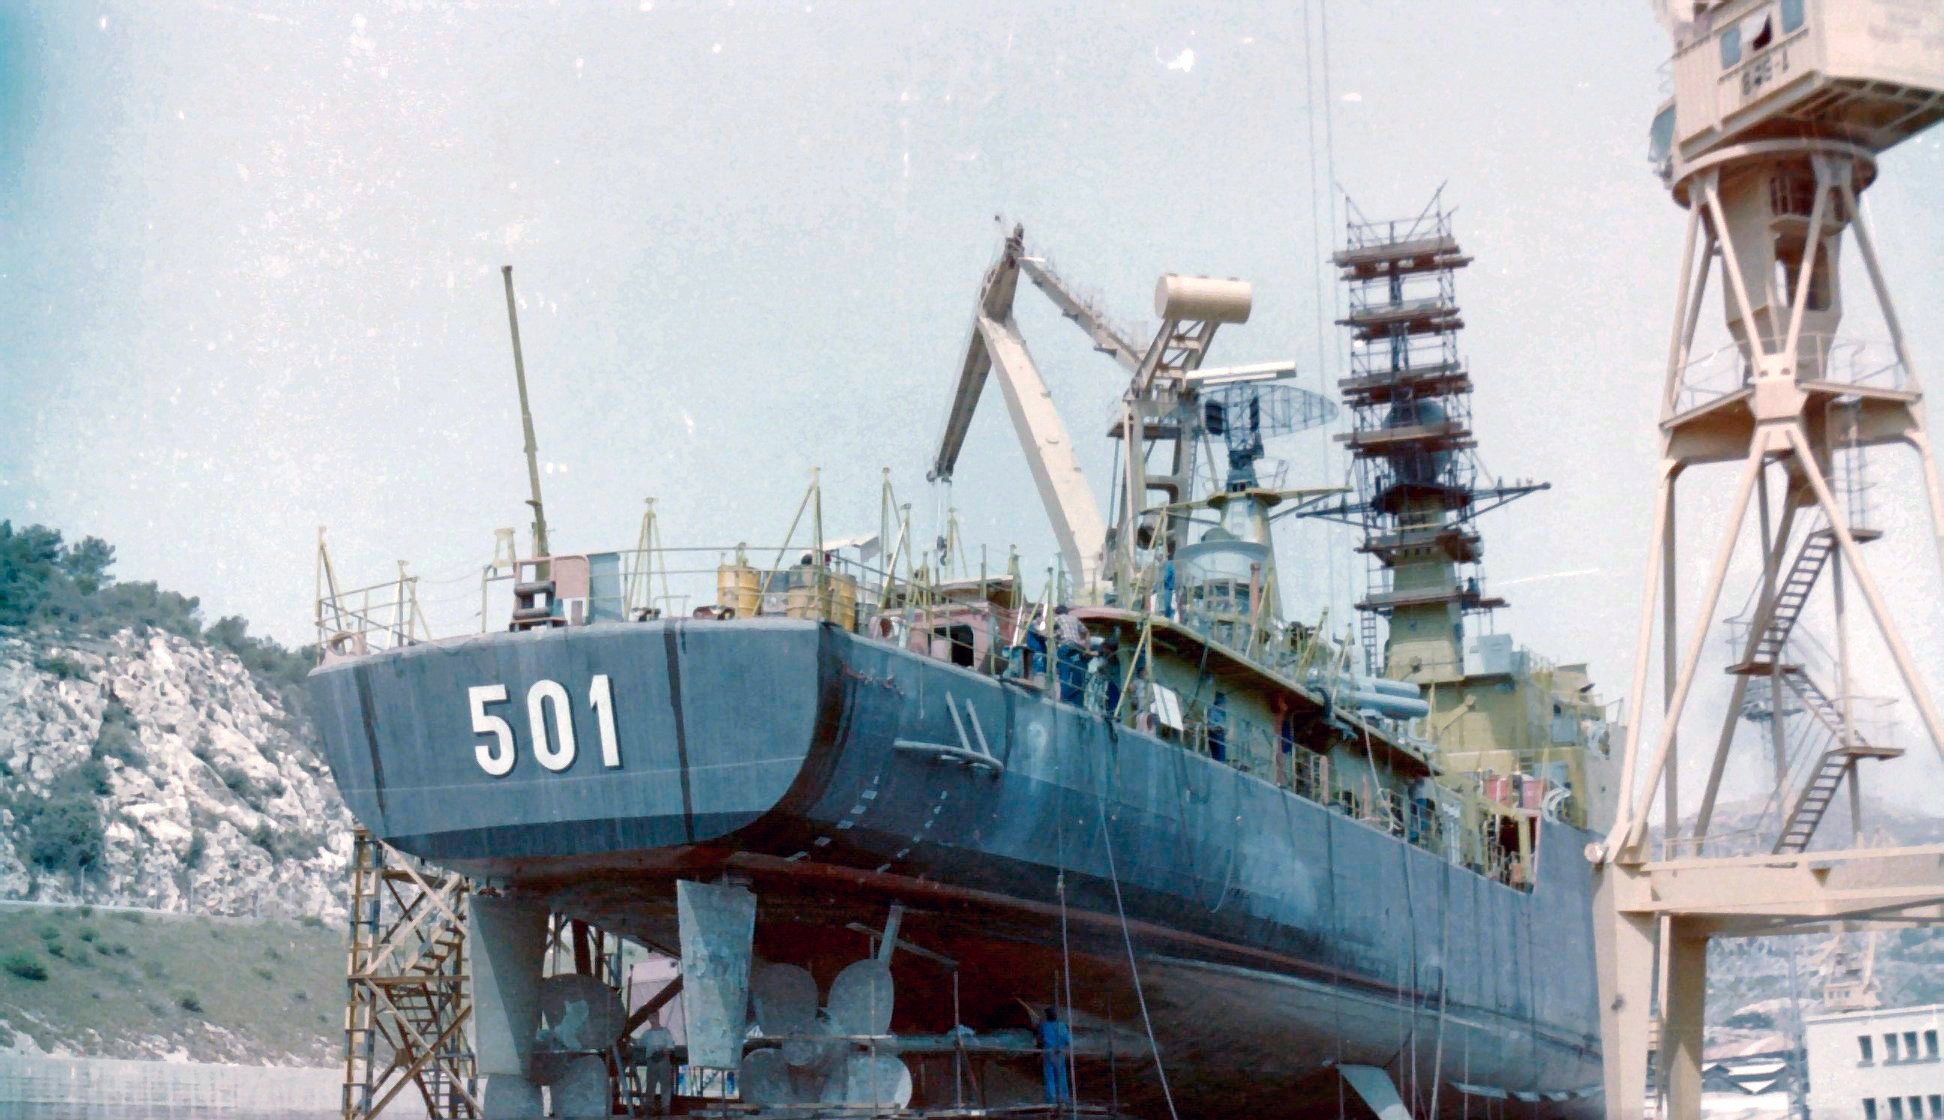 Royal Moroccan Navy Descubierta Frigate / Corvette Lt Cl Errahmani - Bâtiment École - Page 4 Clipb494